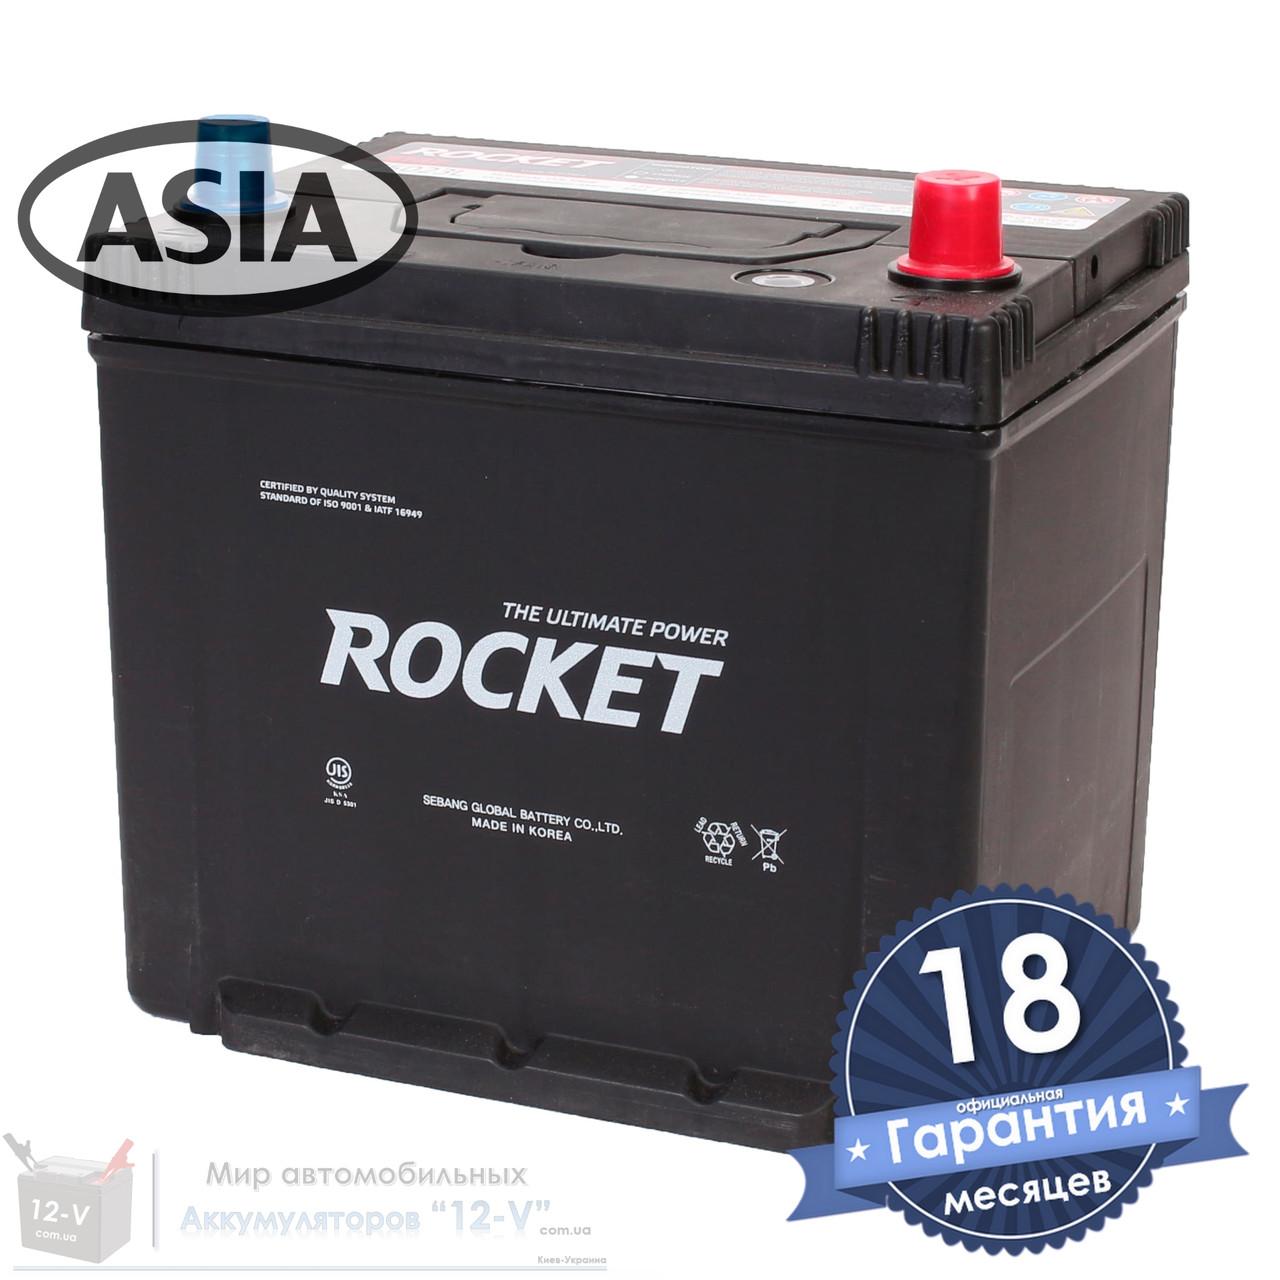 Аккумулятор автомобильный ROCKET 6CT 60Ah ASIA, пусковой ток 630А [–|+] (55D23L)